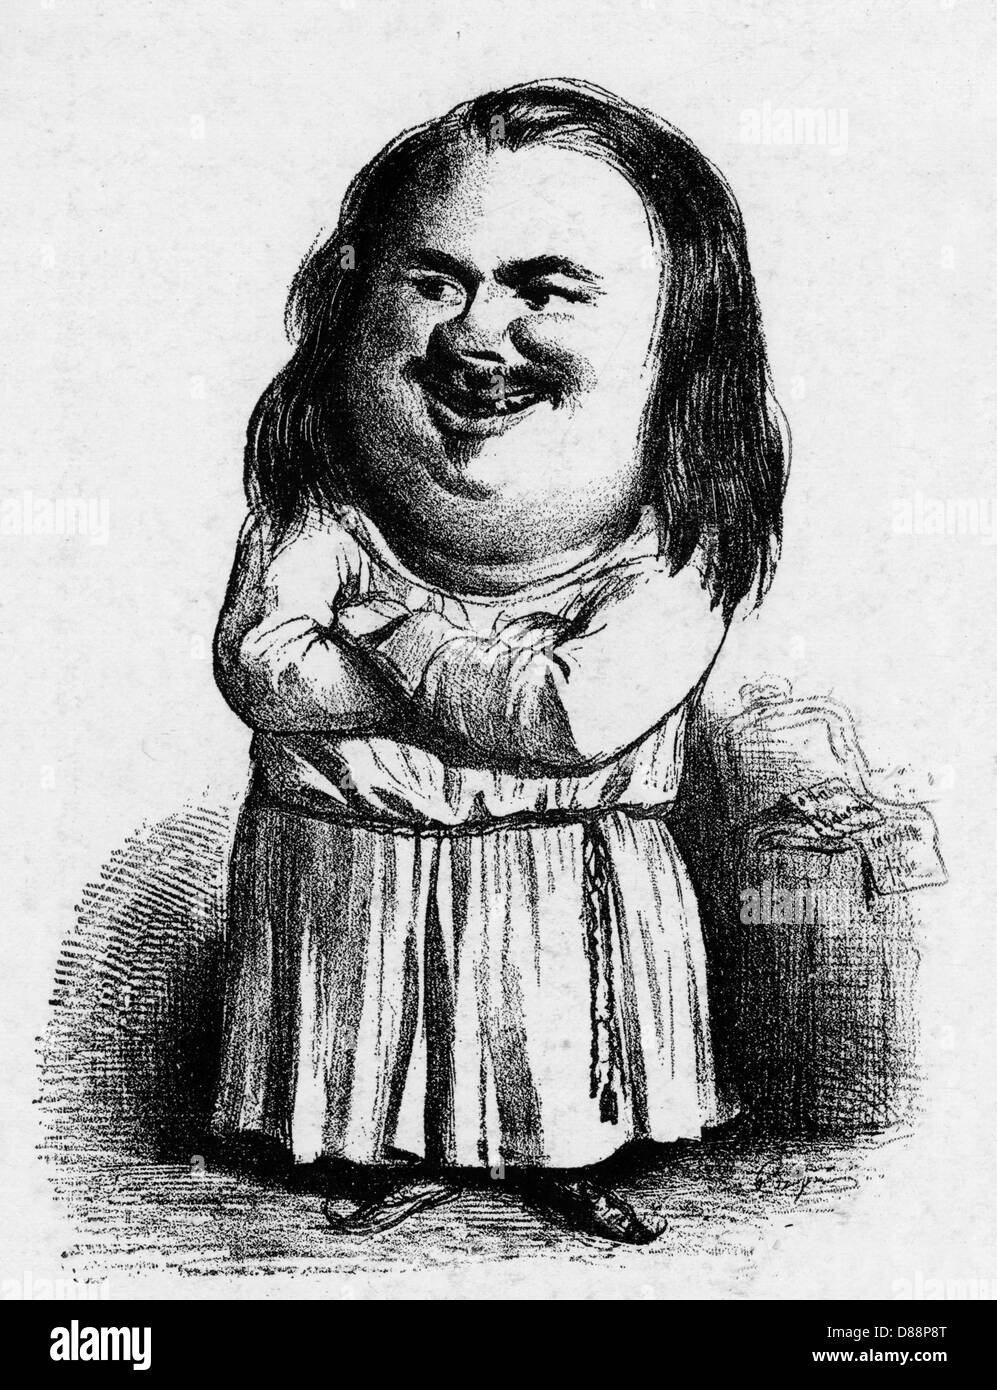 Honore balzac satirical caricature